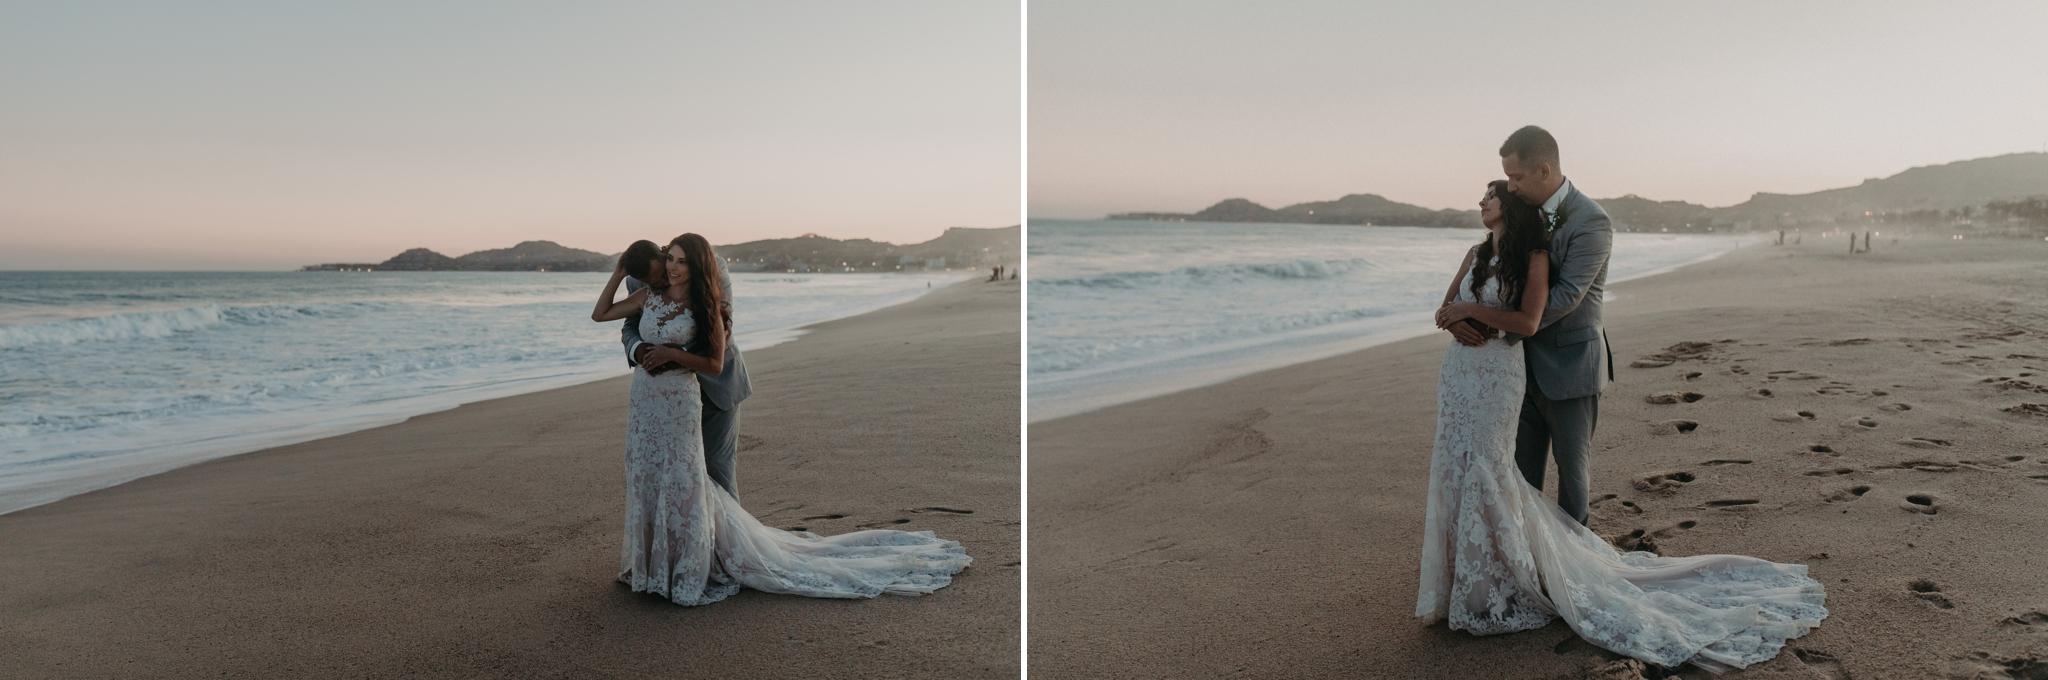 hawaii-wedding-photography20.jpg